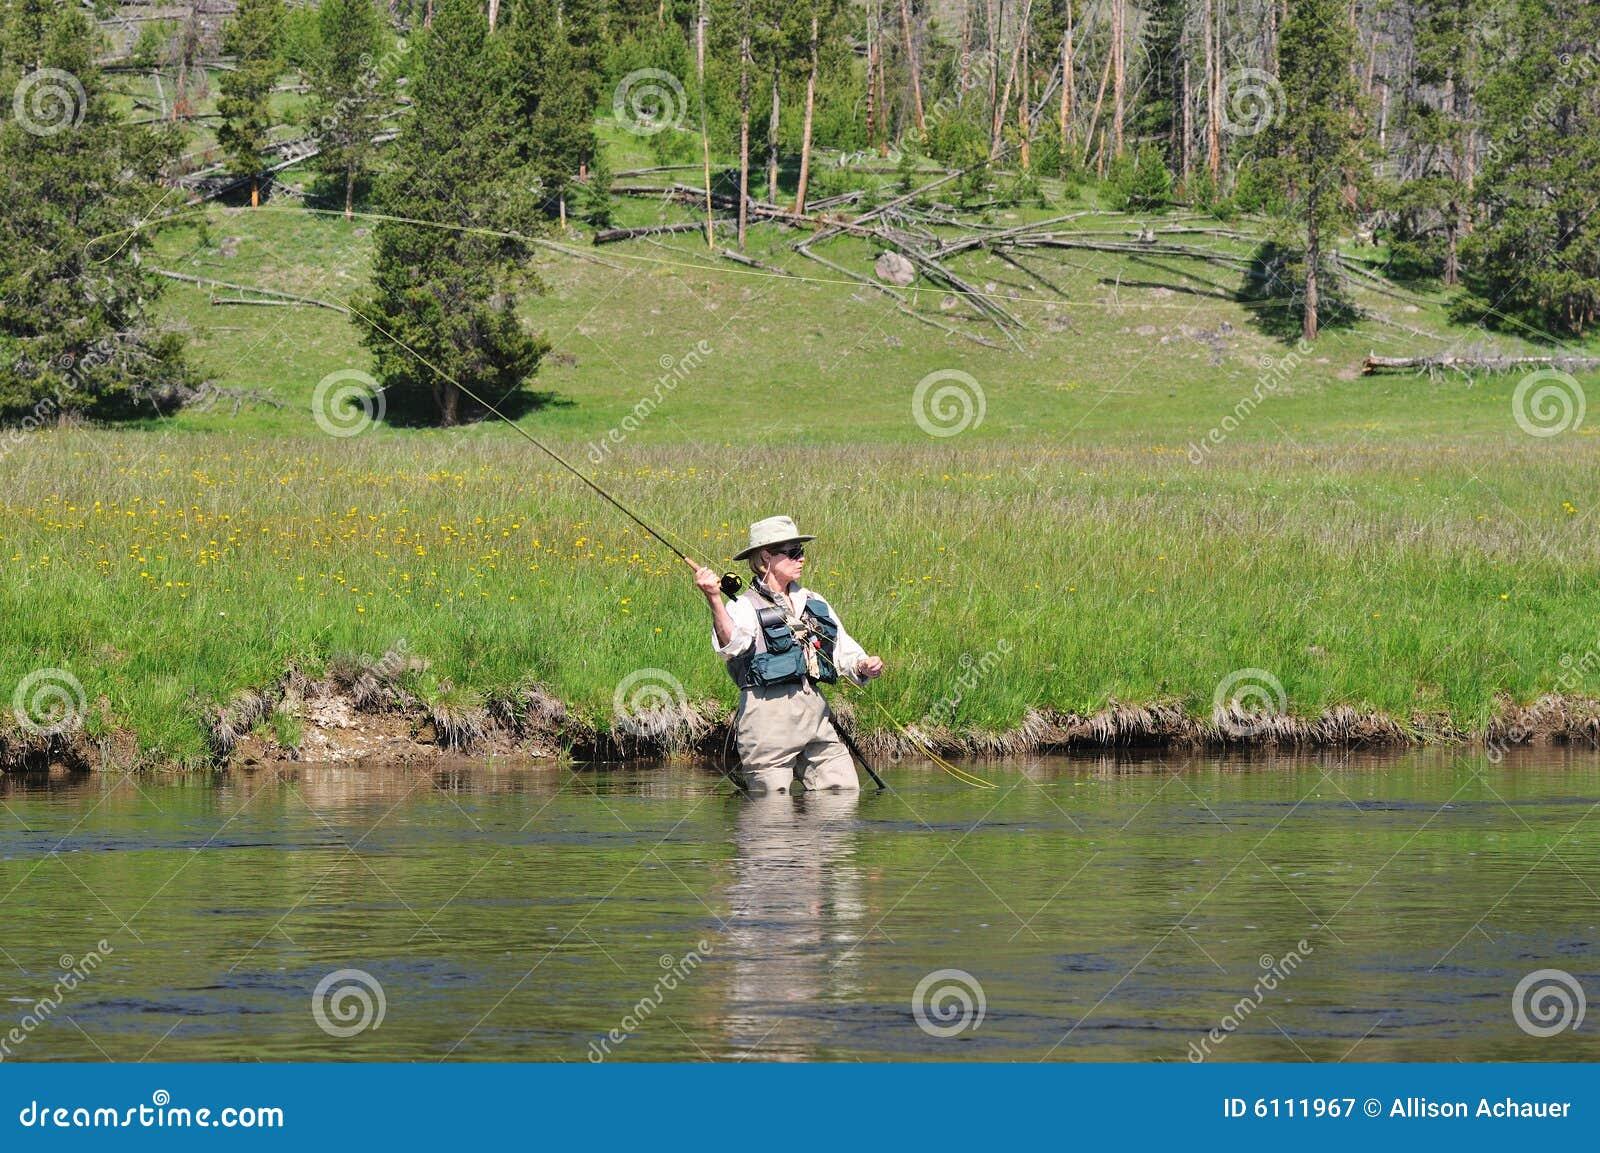 Senior fisherwoman casting